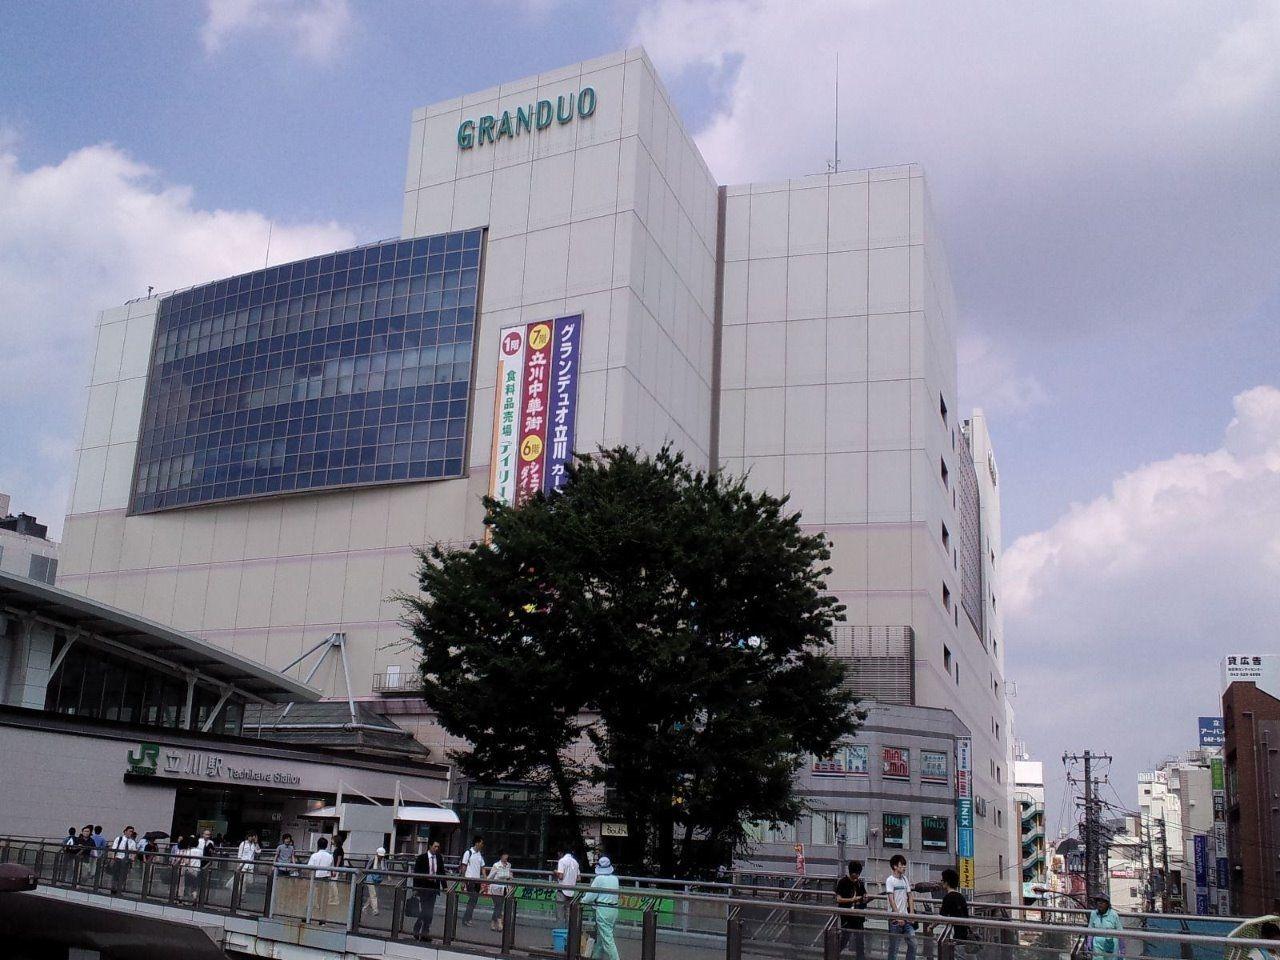 立川駅周辺には便利な商業施設が多数あり